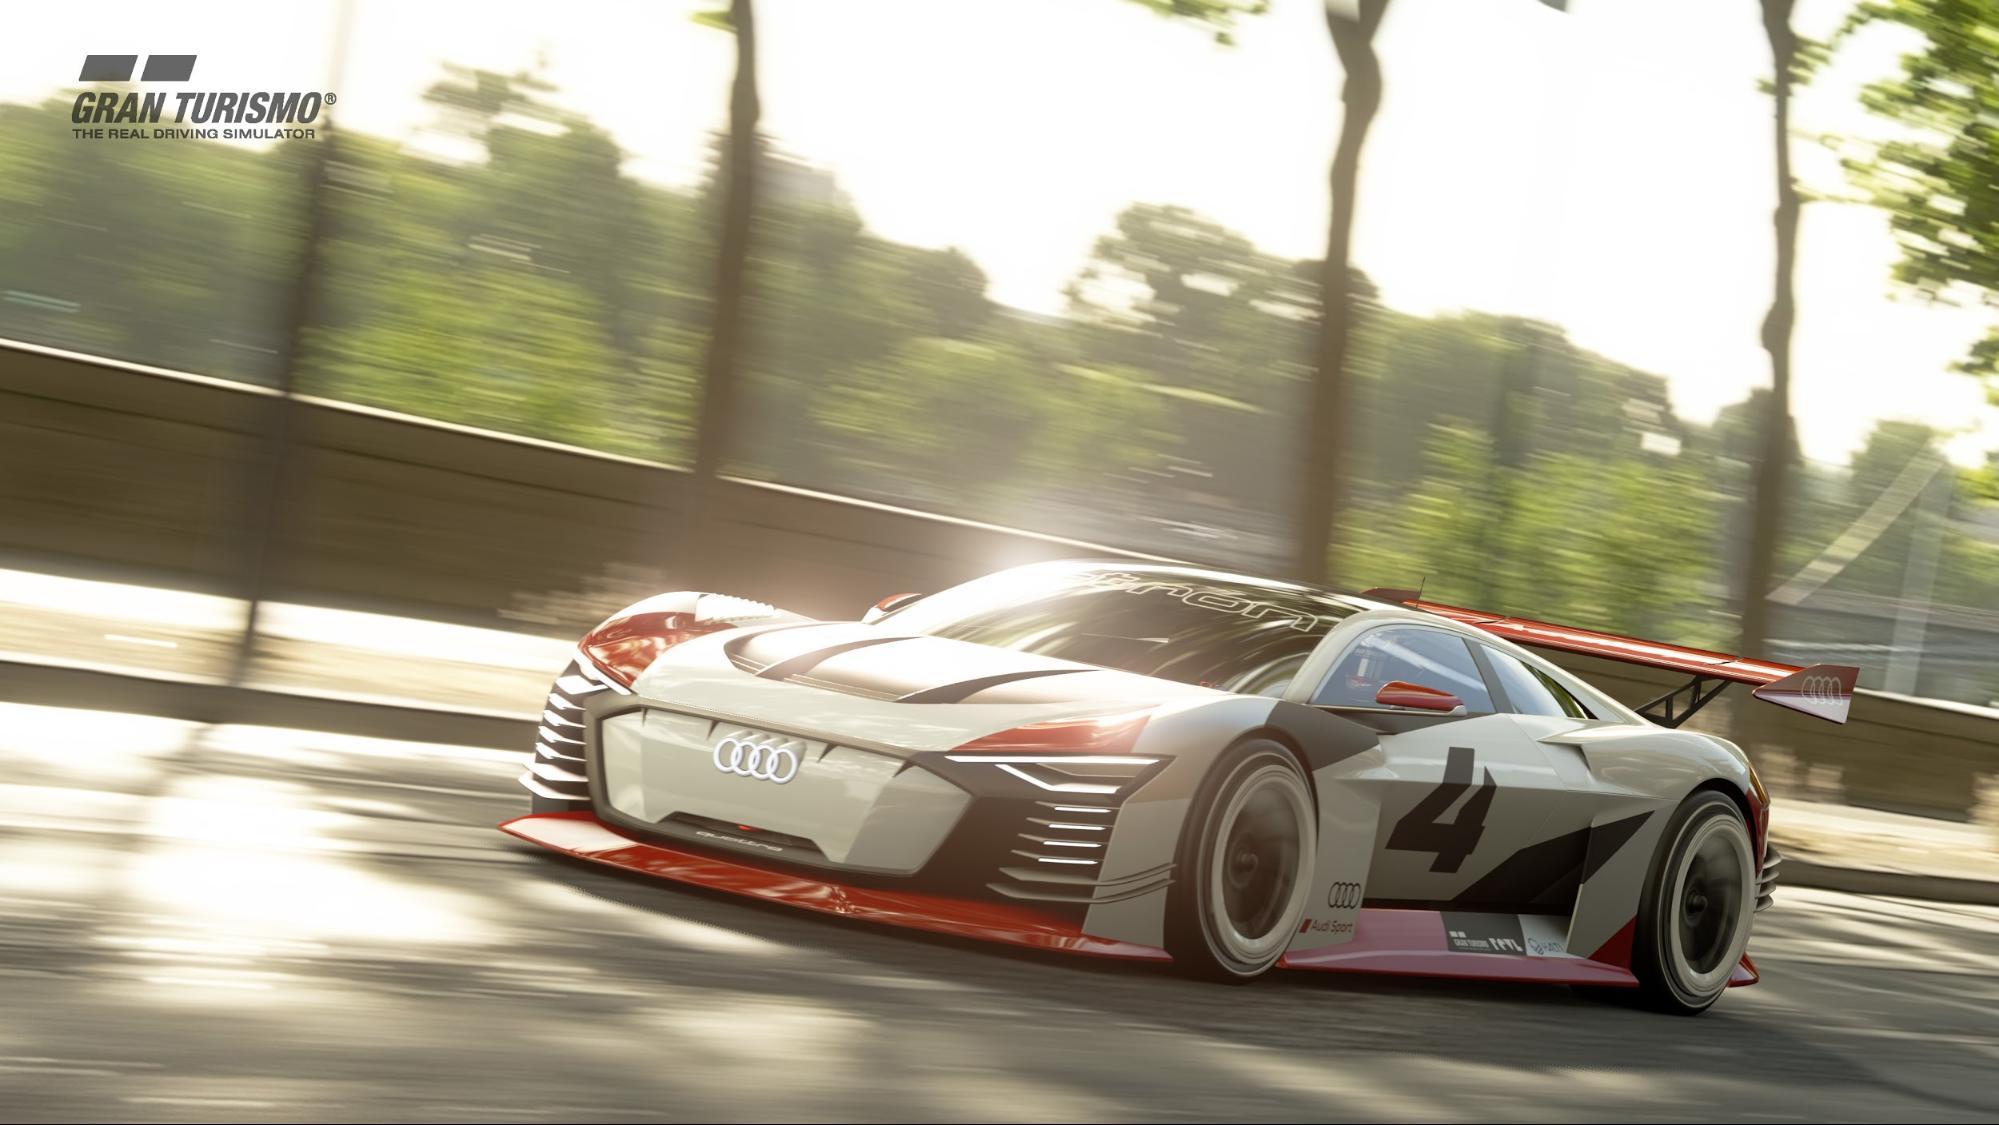 La simulation de course GranTurismo sur la PlayStation4 fait figure de référence. (AUDI)